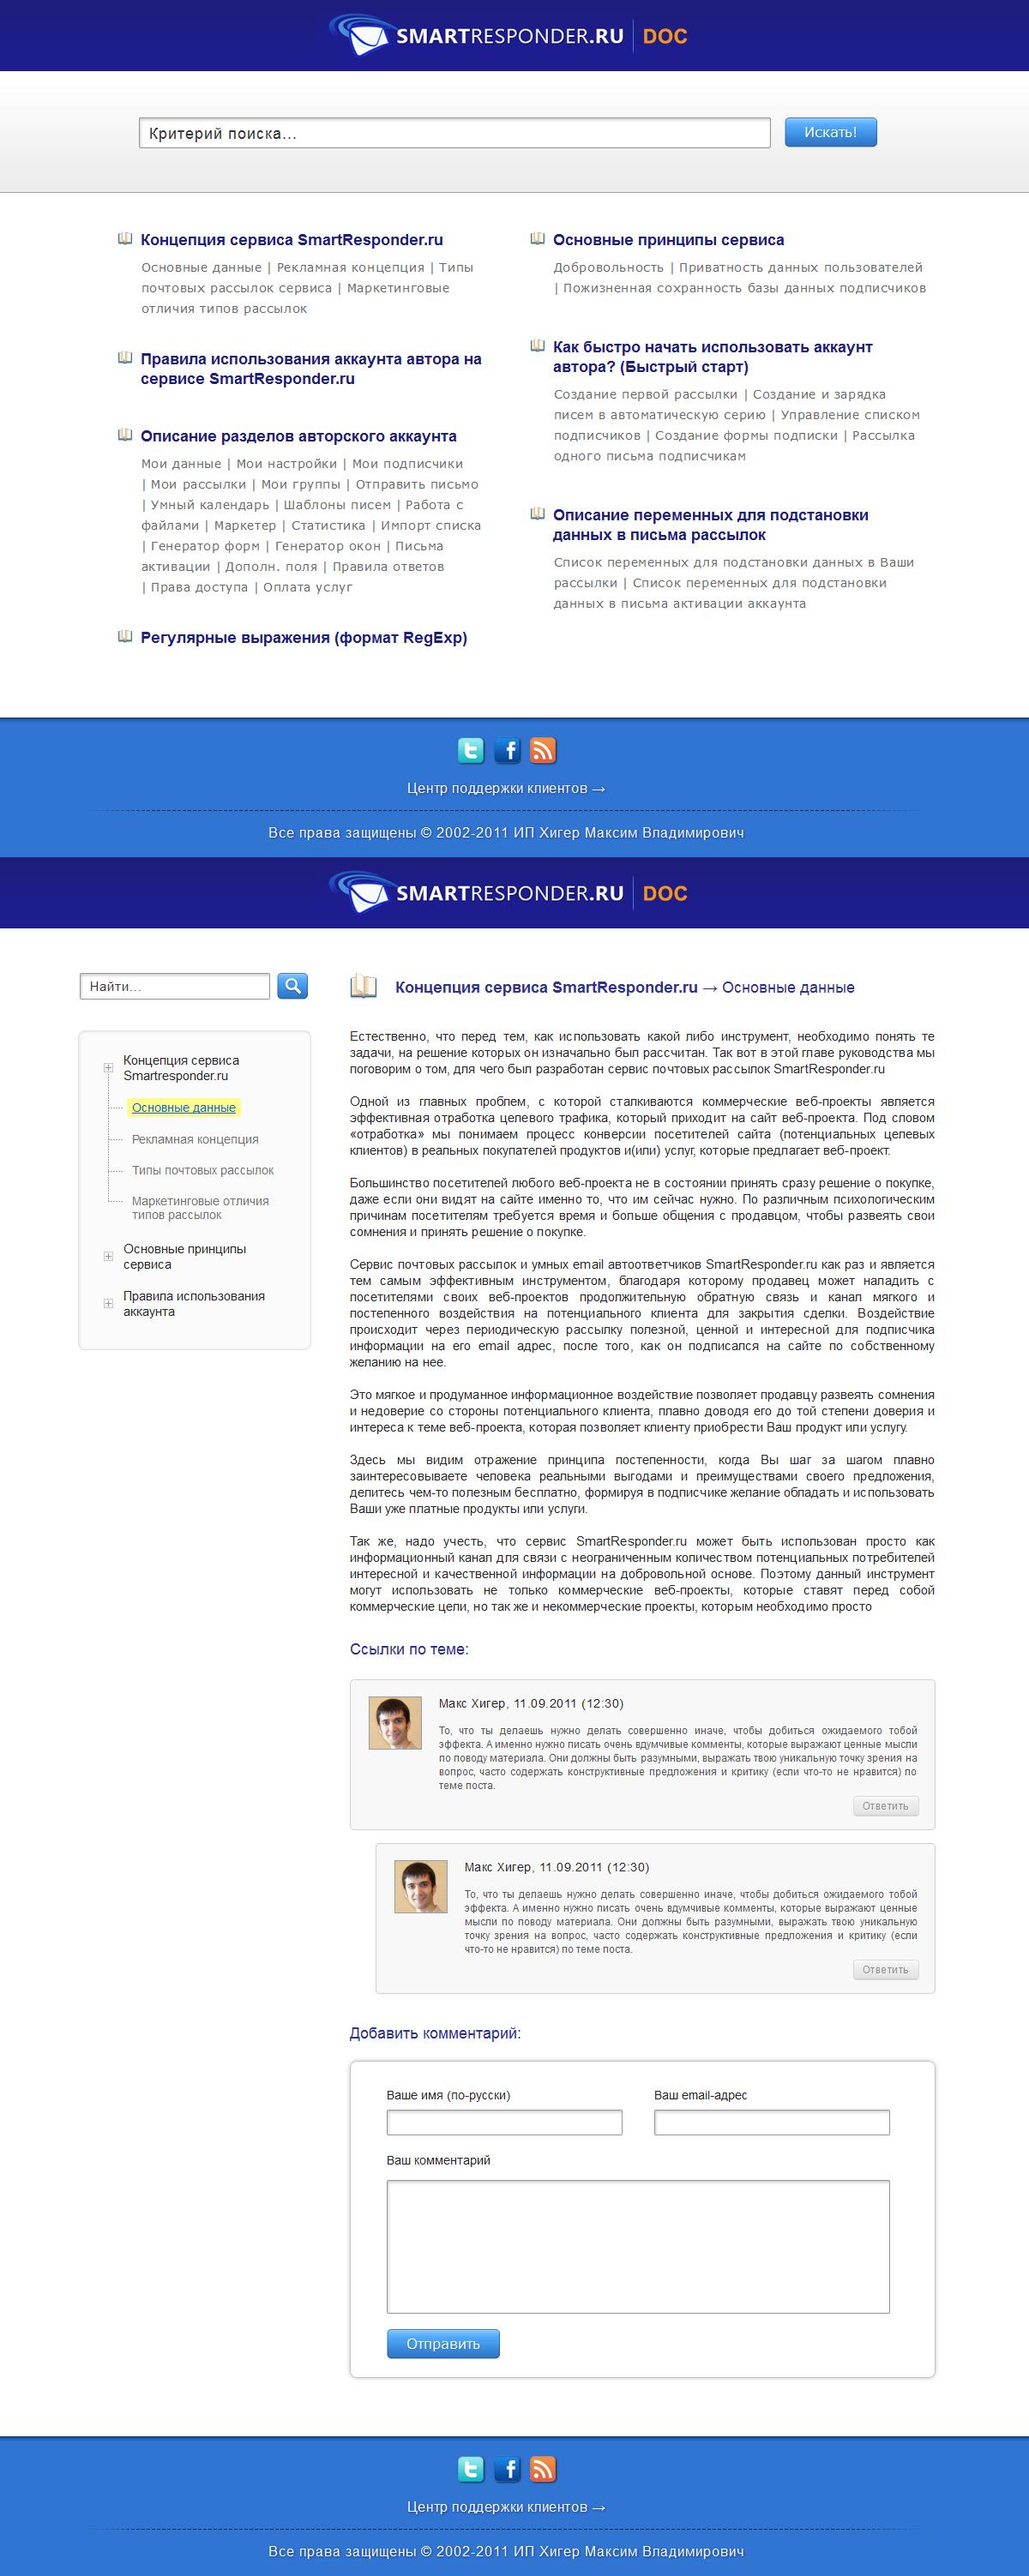 Каталог документов и статей для SmartResponder